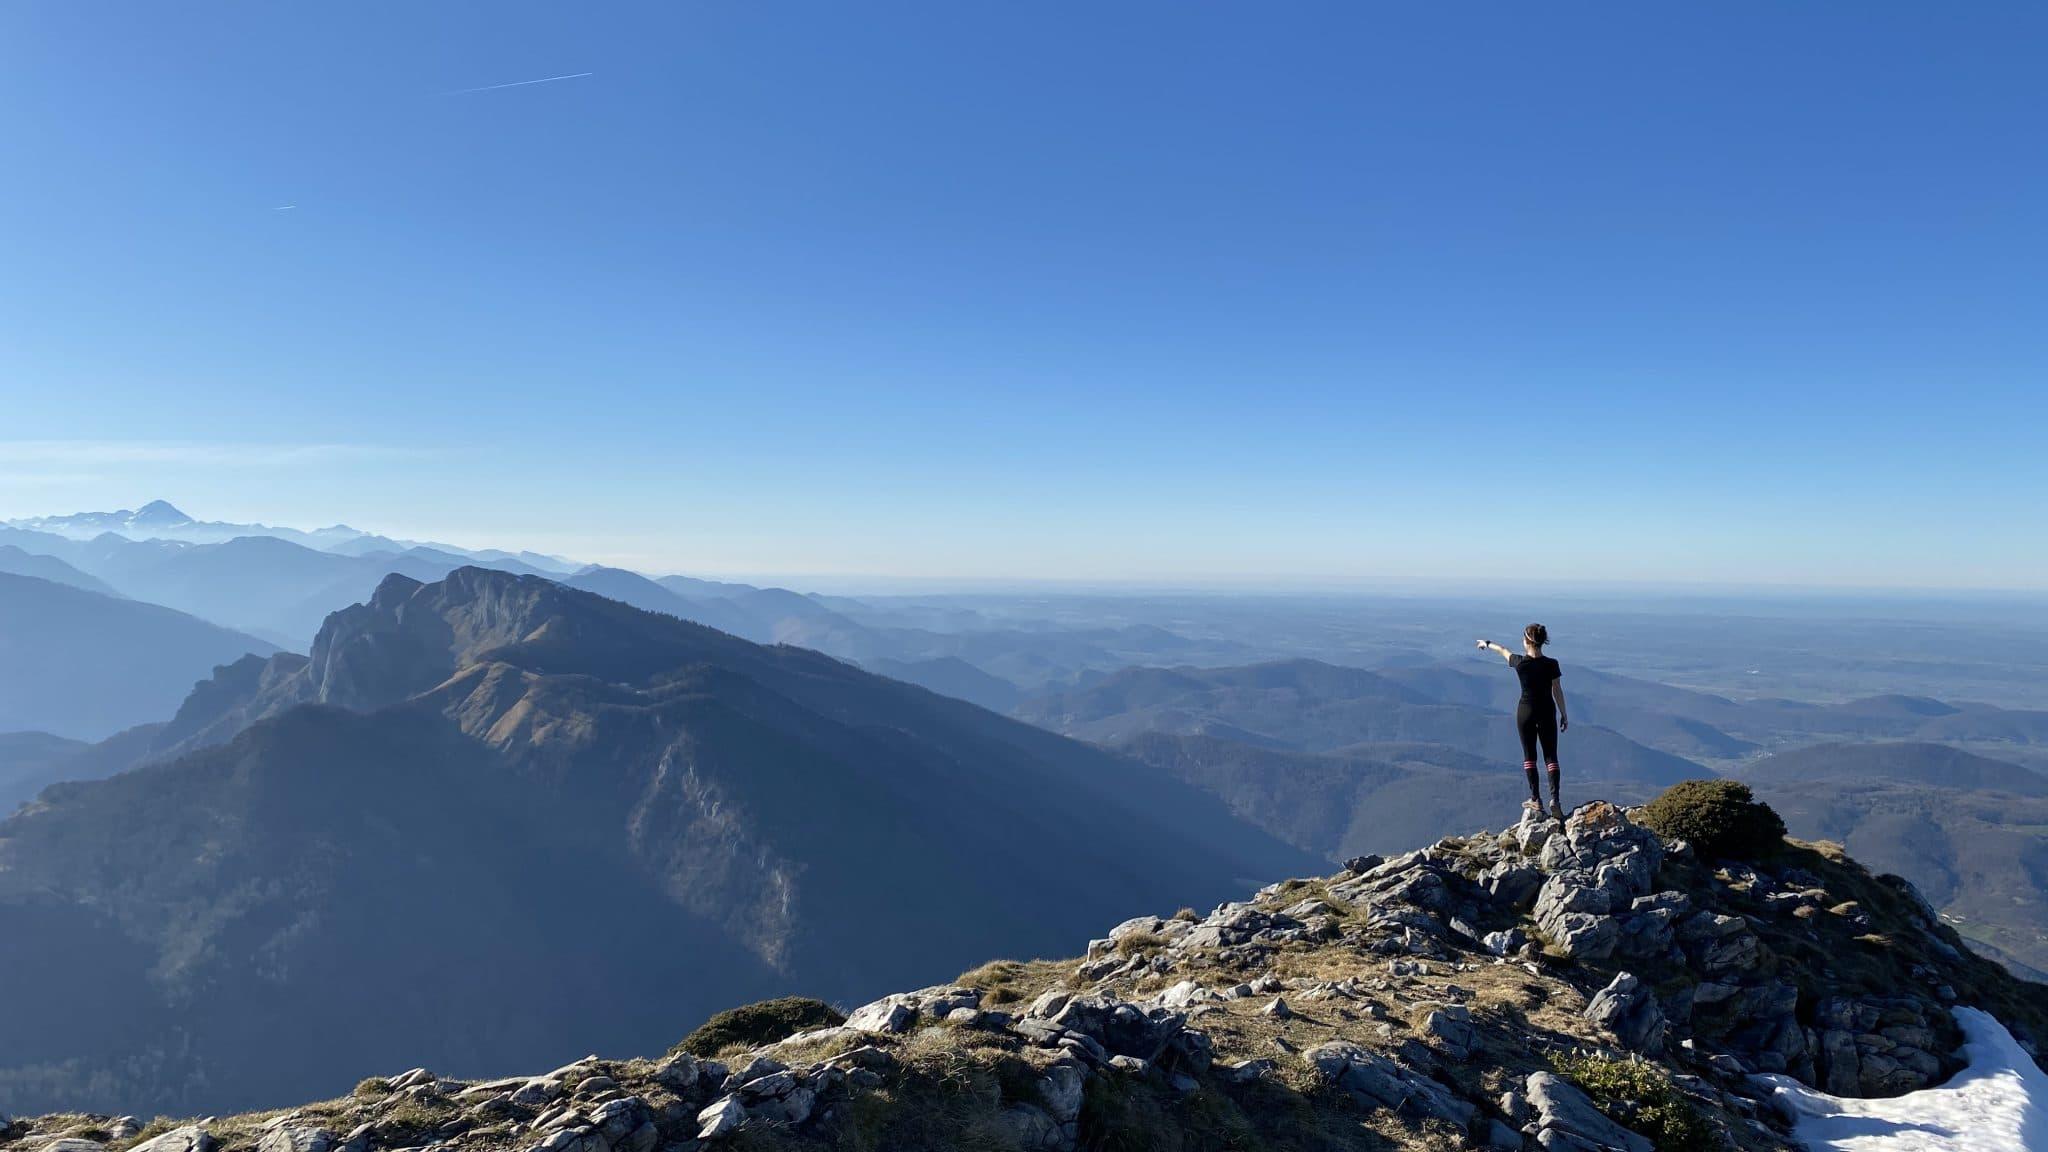 photo sommet montagne pic de cagire